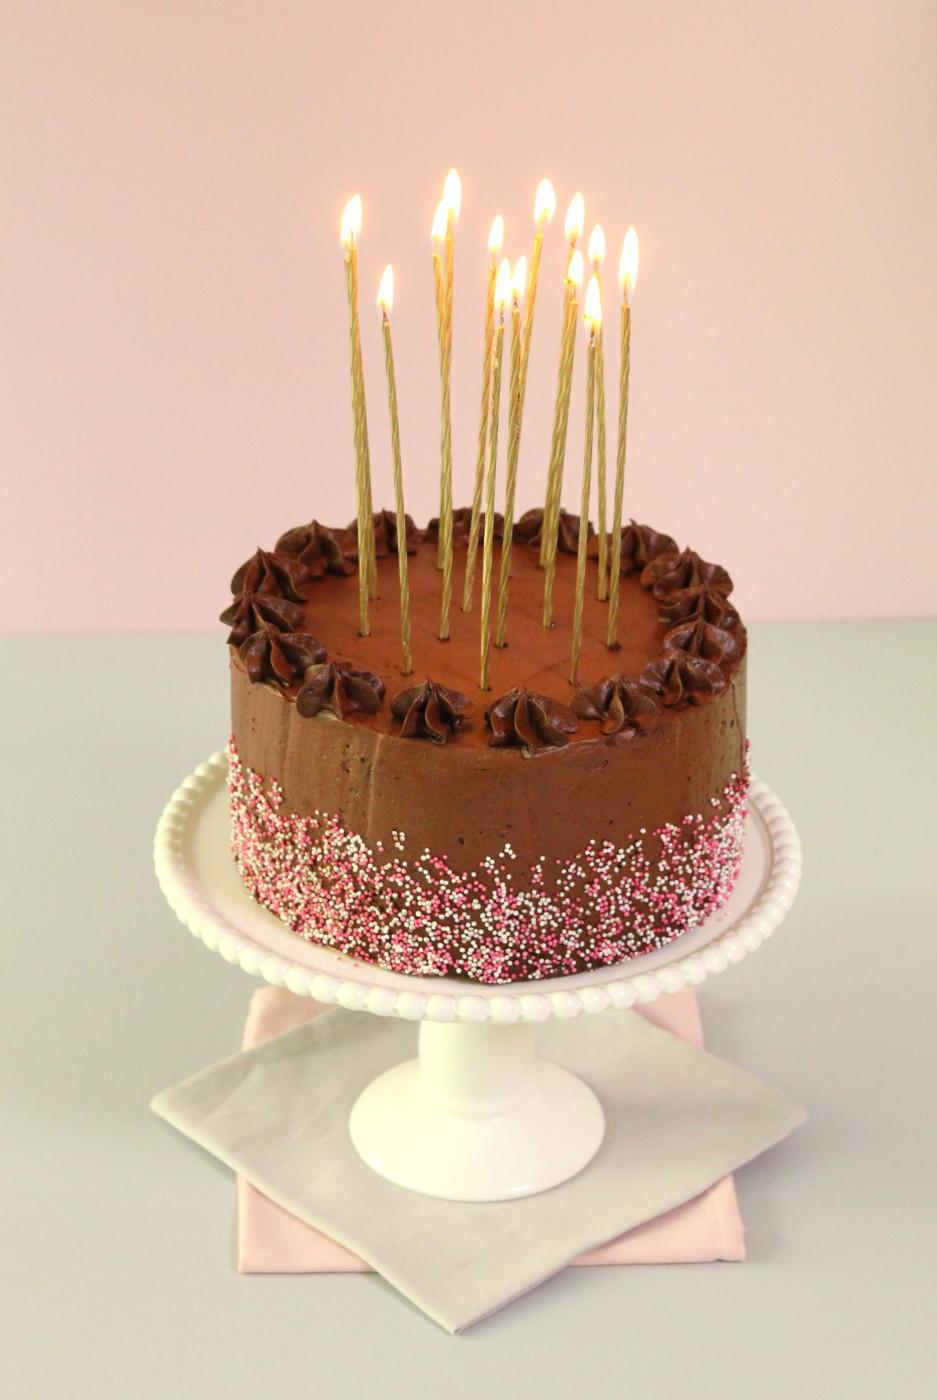 Rezept für Schokotorte, der Kuchenklassiker Schokokuchen zum Geburtstag von Mein Keksdesign